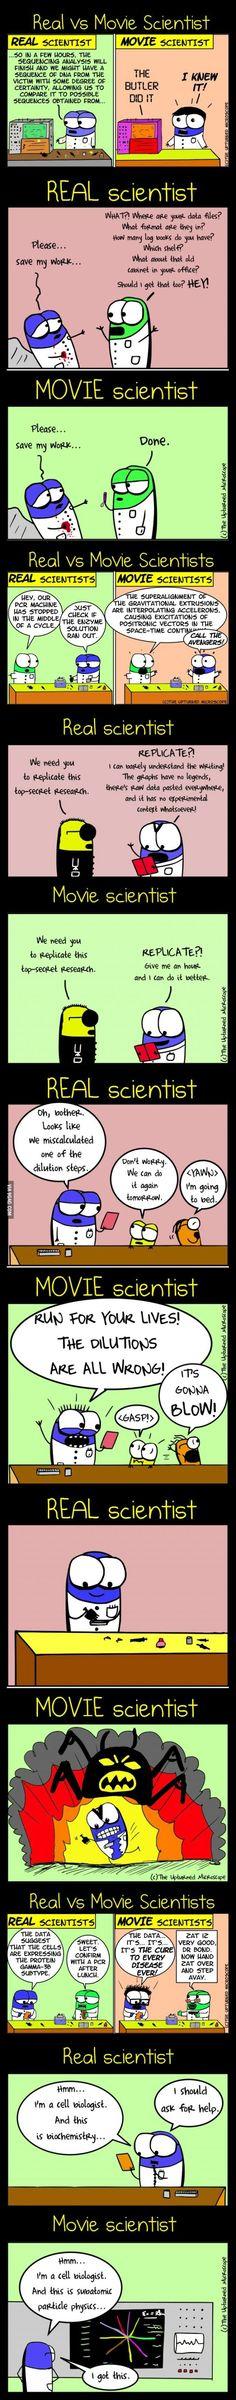 Real vs movie scientist (COMIC) | ScienceDump